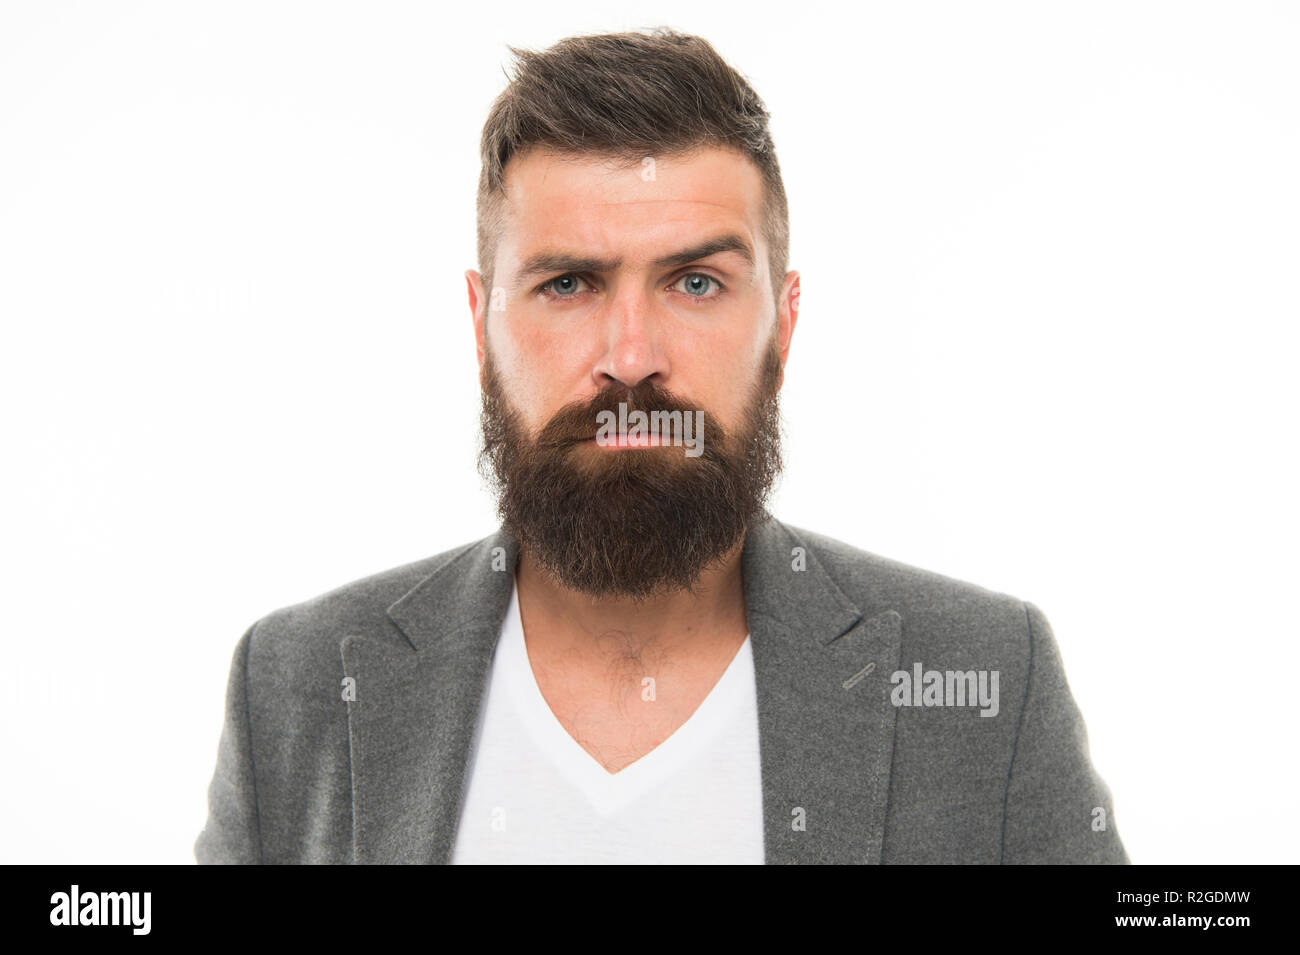 Barbuto e fiducioso. Hipster aspetto. Barba moda e barbiere concetto. Uomo  Barbuto hipster c5b1f7d4498f